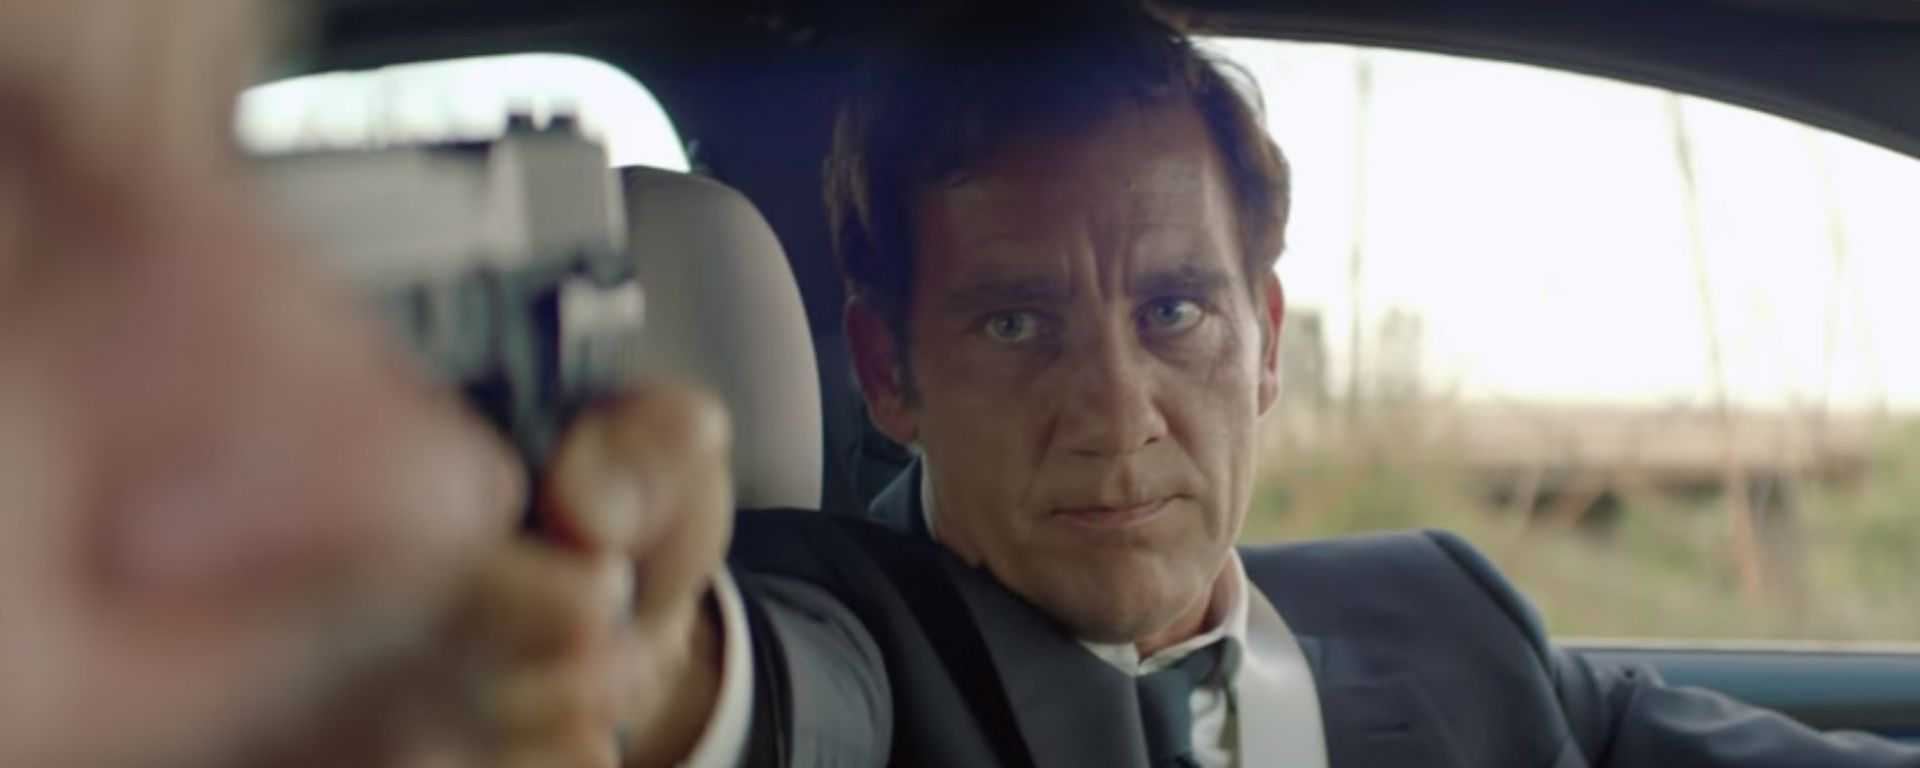 Clive Owen protagonista di The Escape con la nuova BMW Serie 5